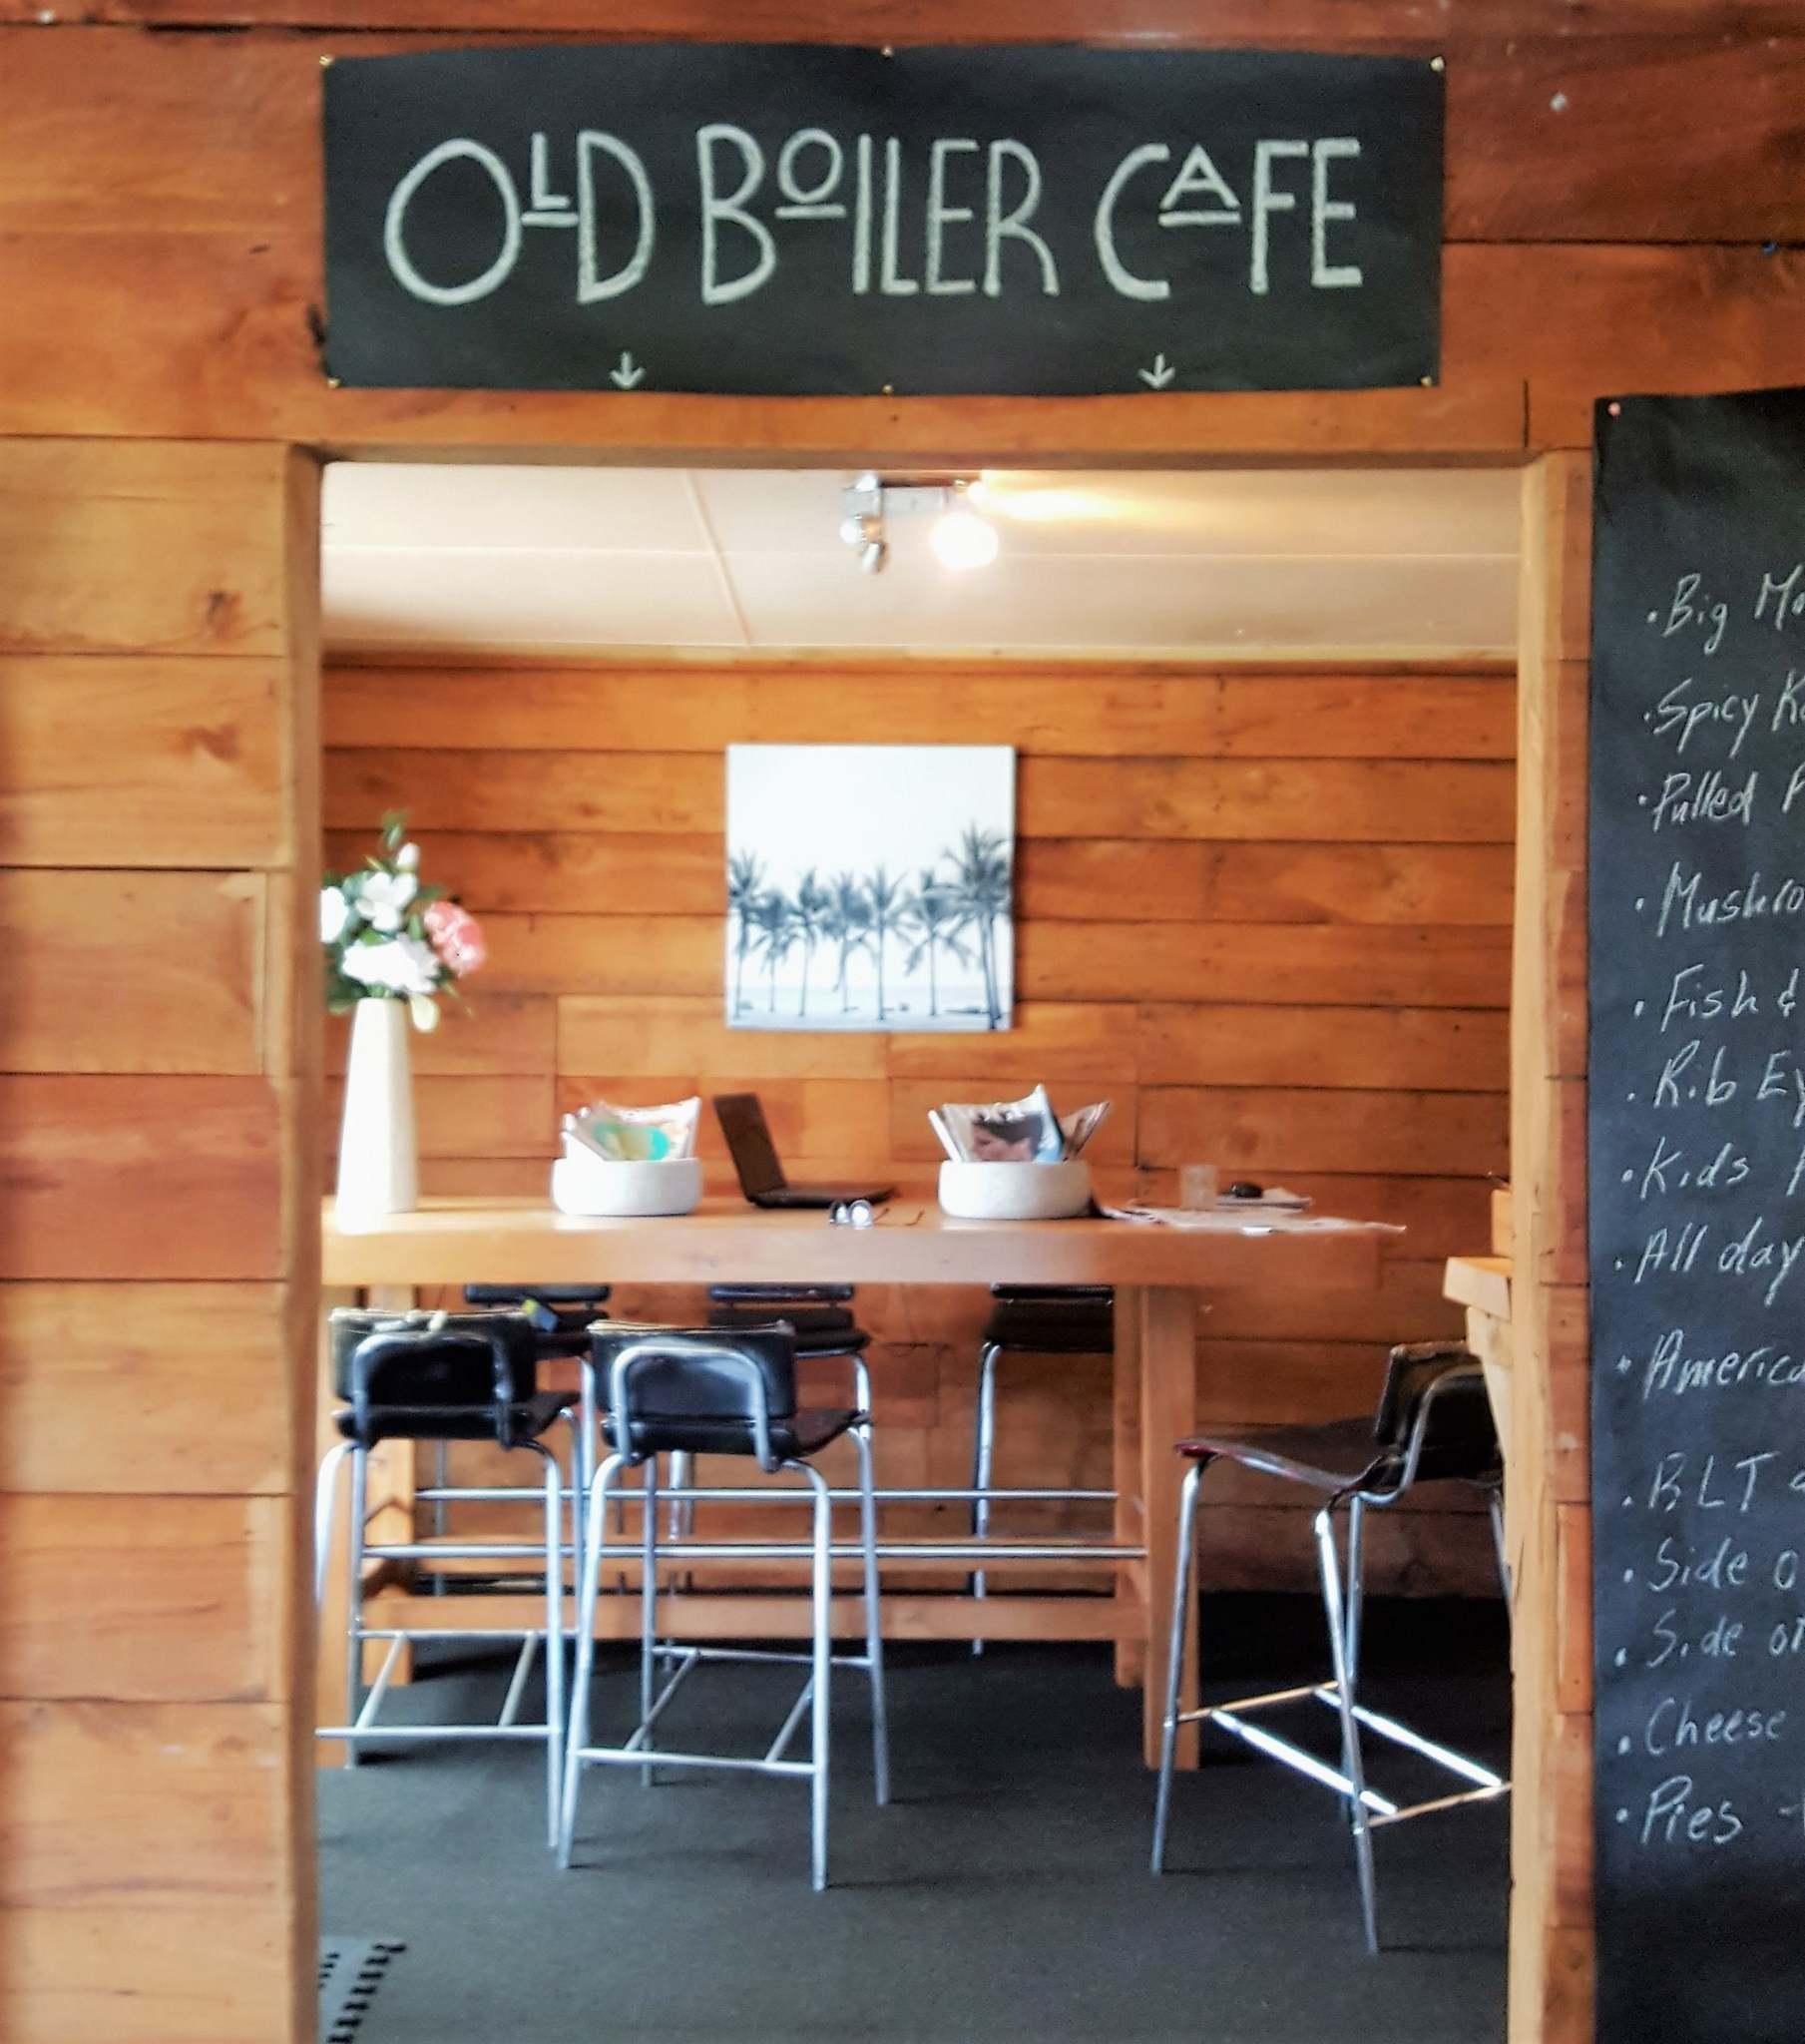 Old Boiler Tavern & Cafe